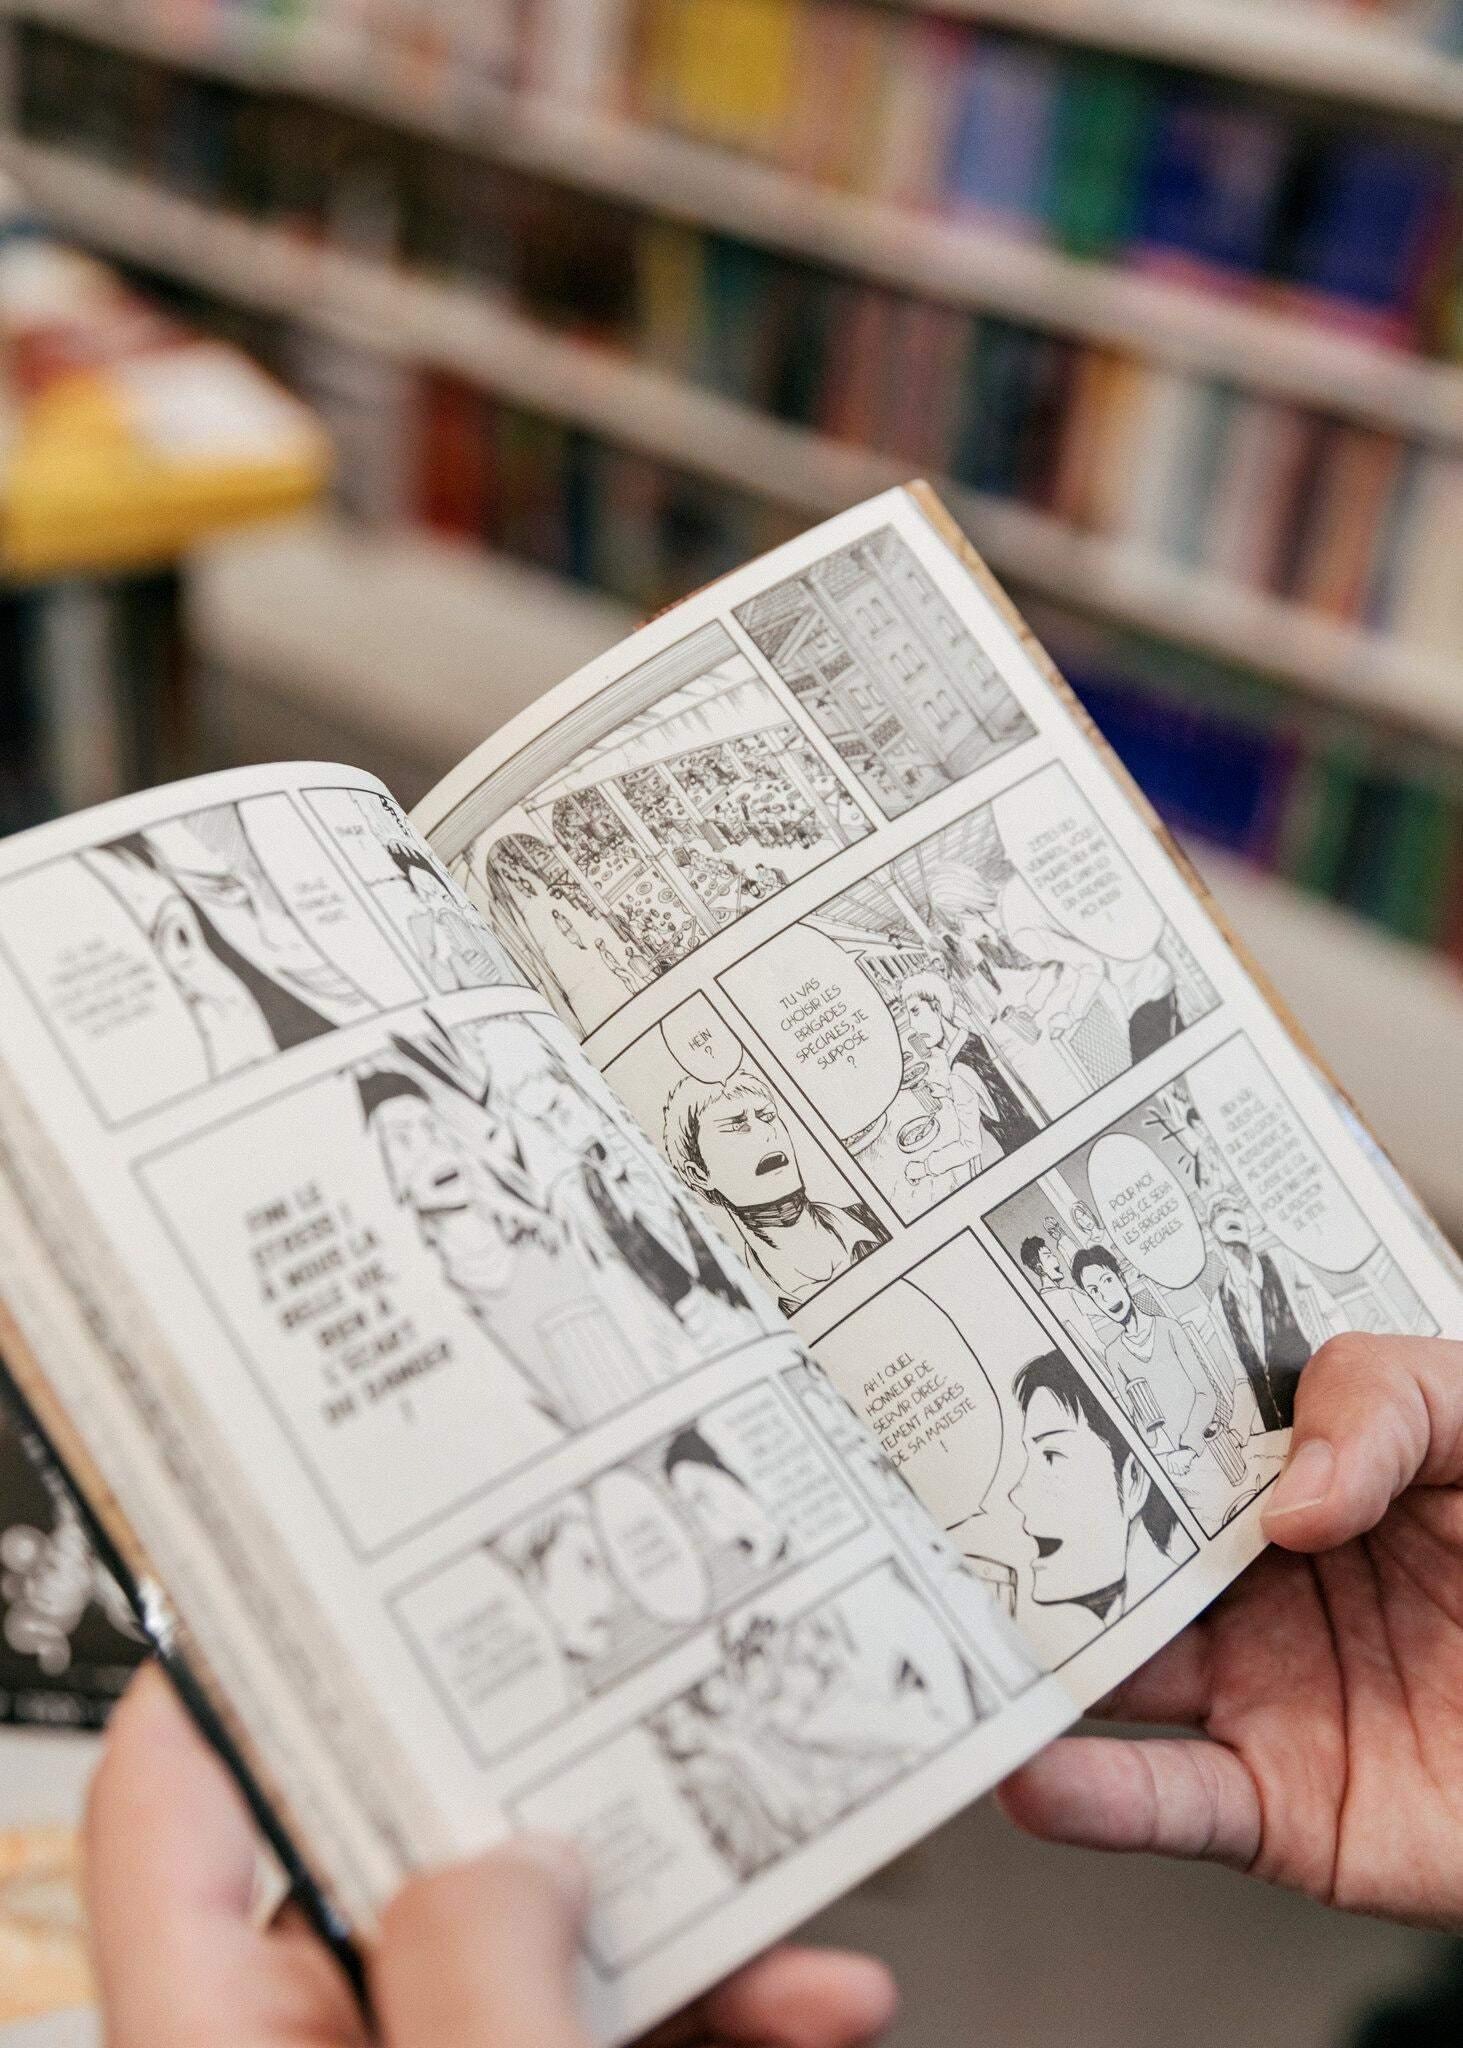 Випускникам шкіл Франції видали по 300 євро на культурну просвіту